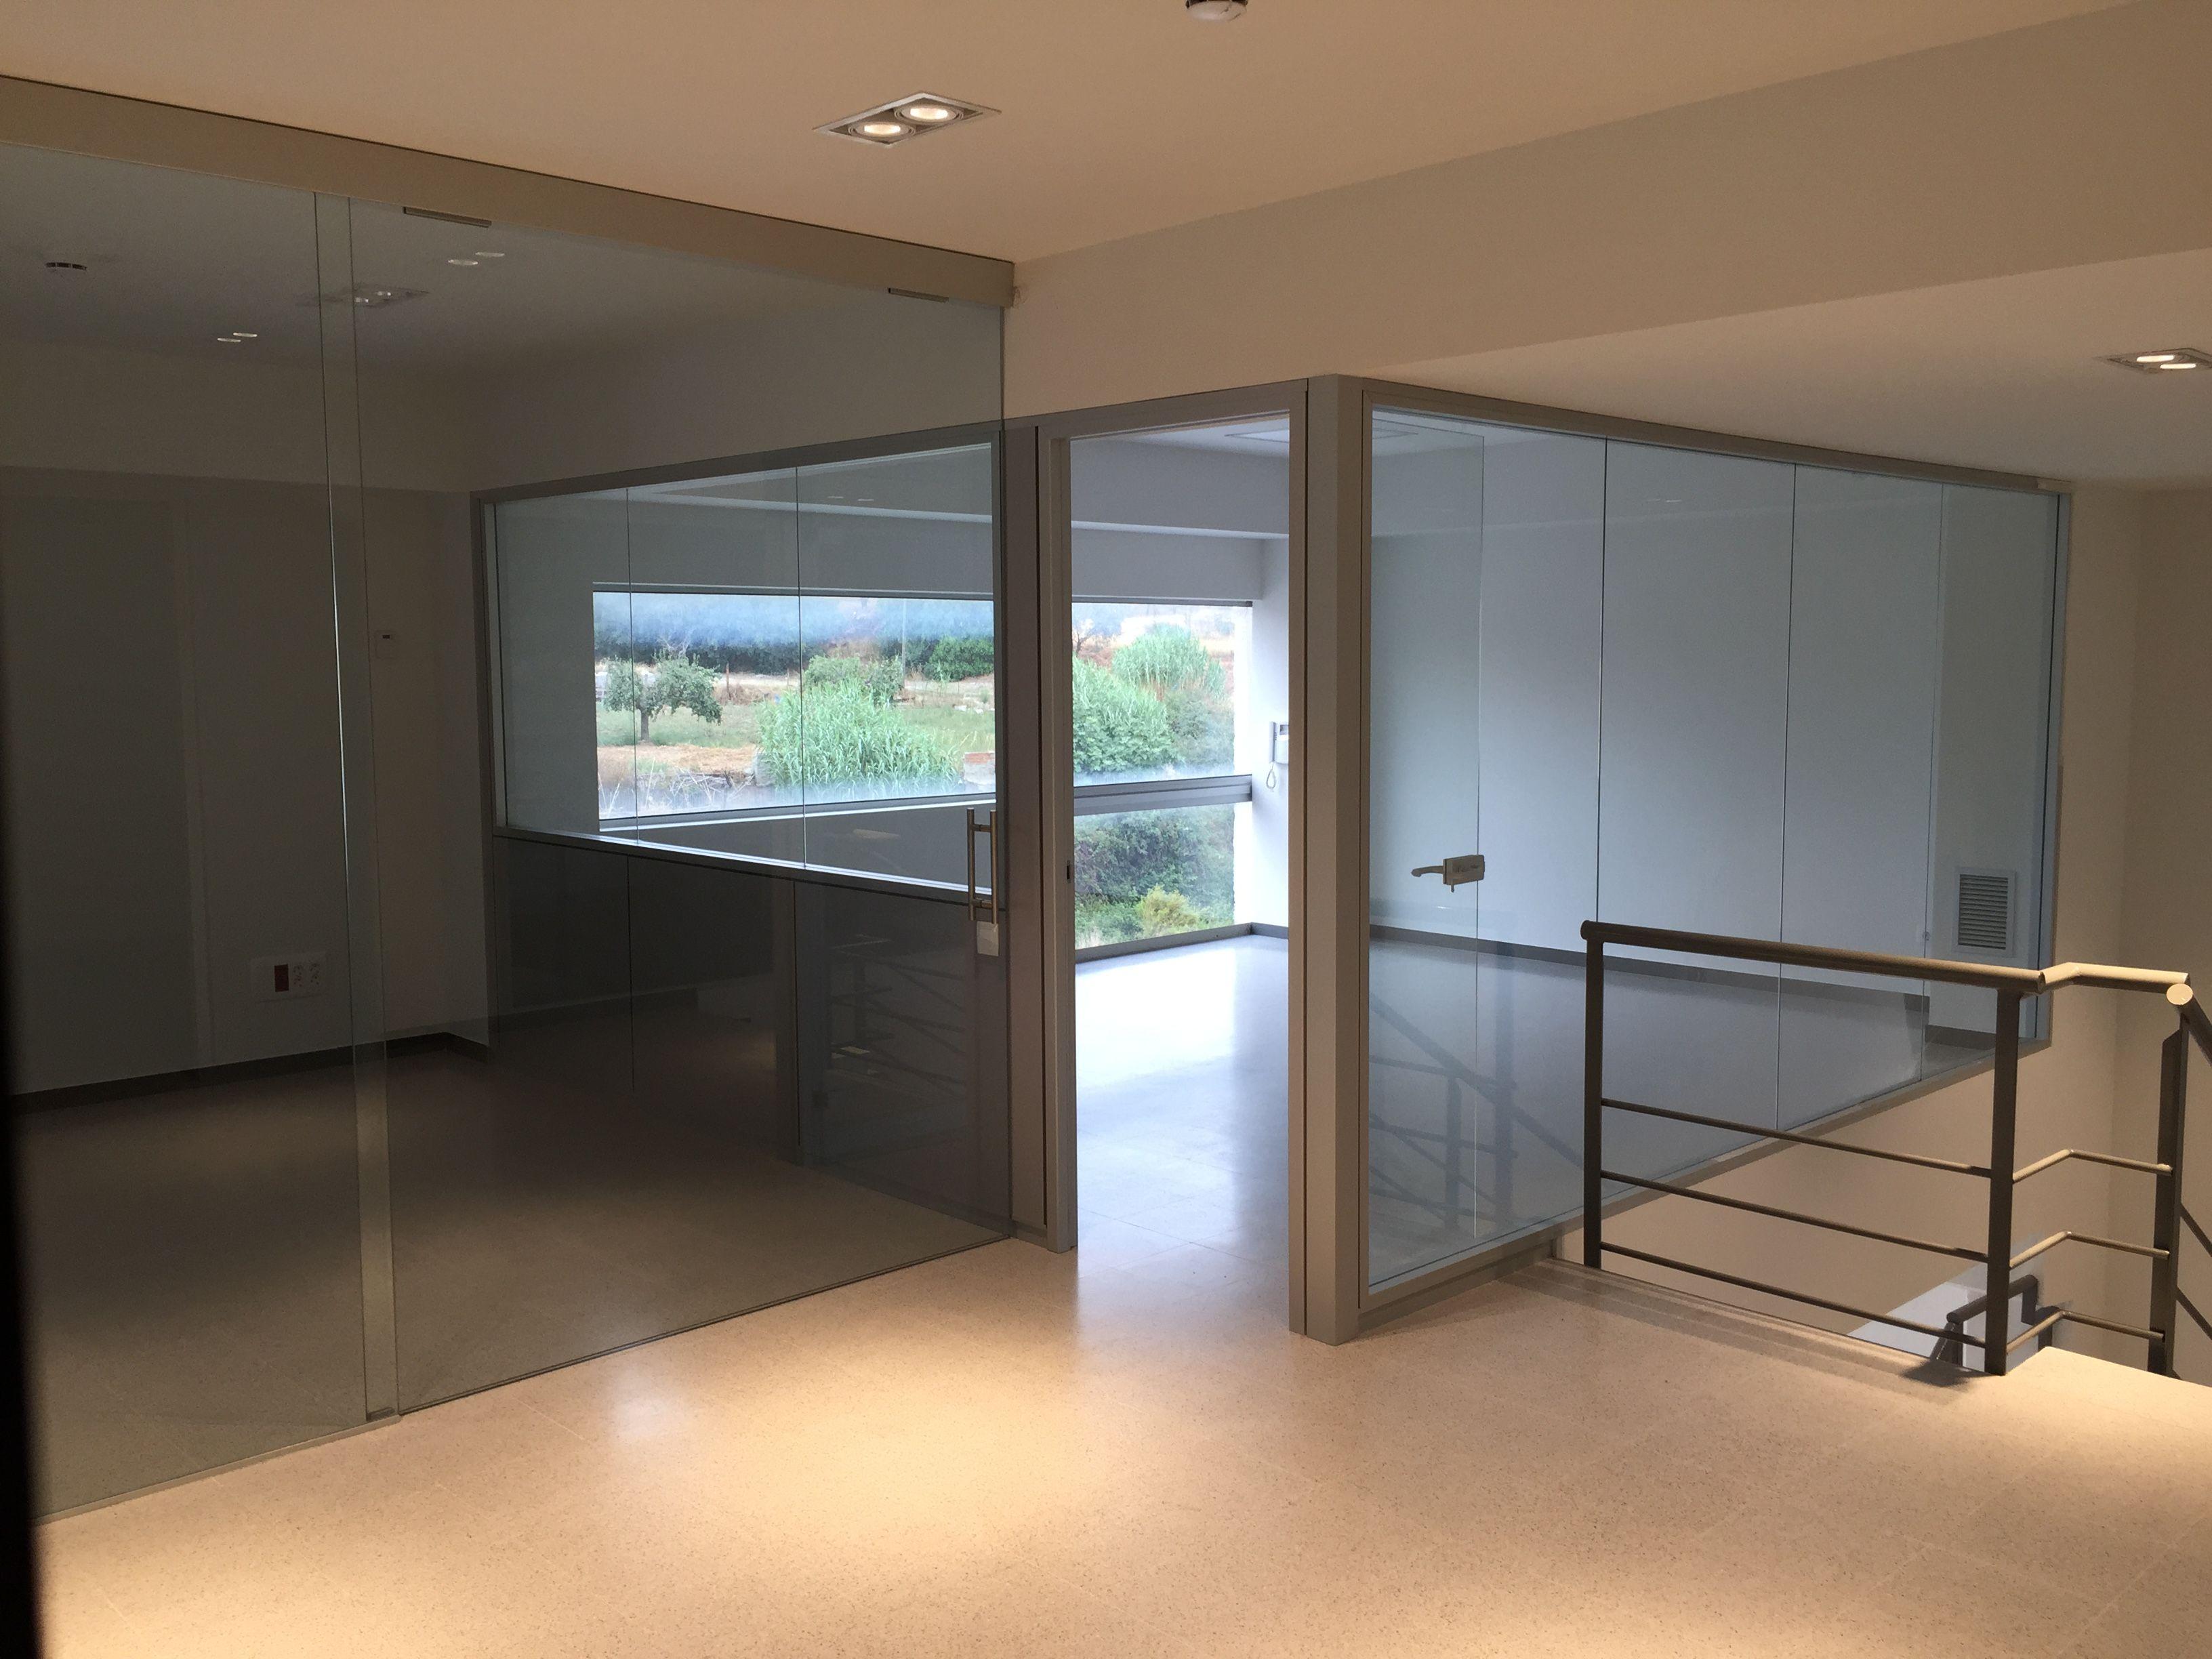 Foto 72 de Carpintería de aluminio, metálica y PVC en Terrassa | Tancaments Cusidó